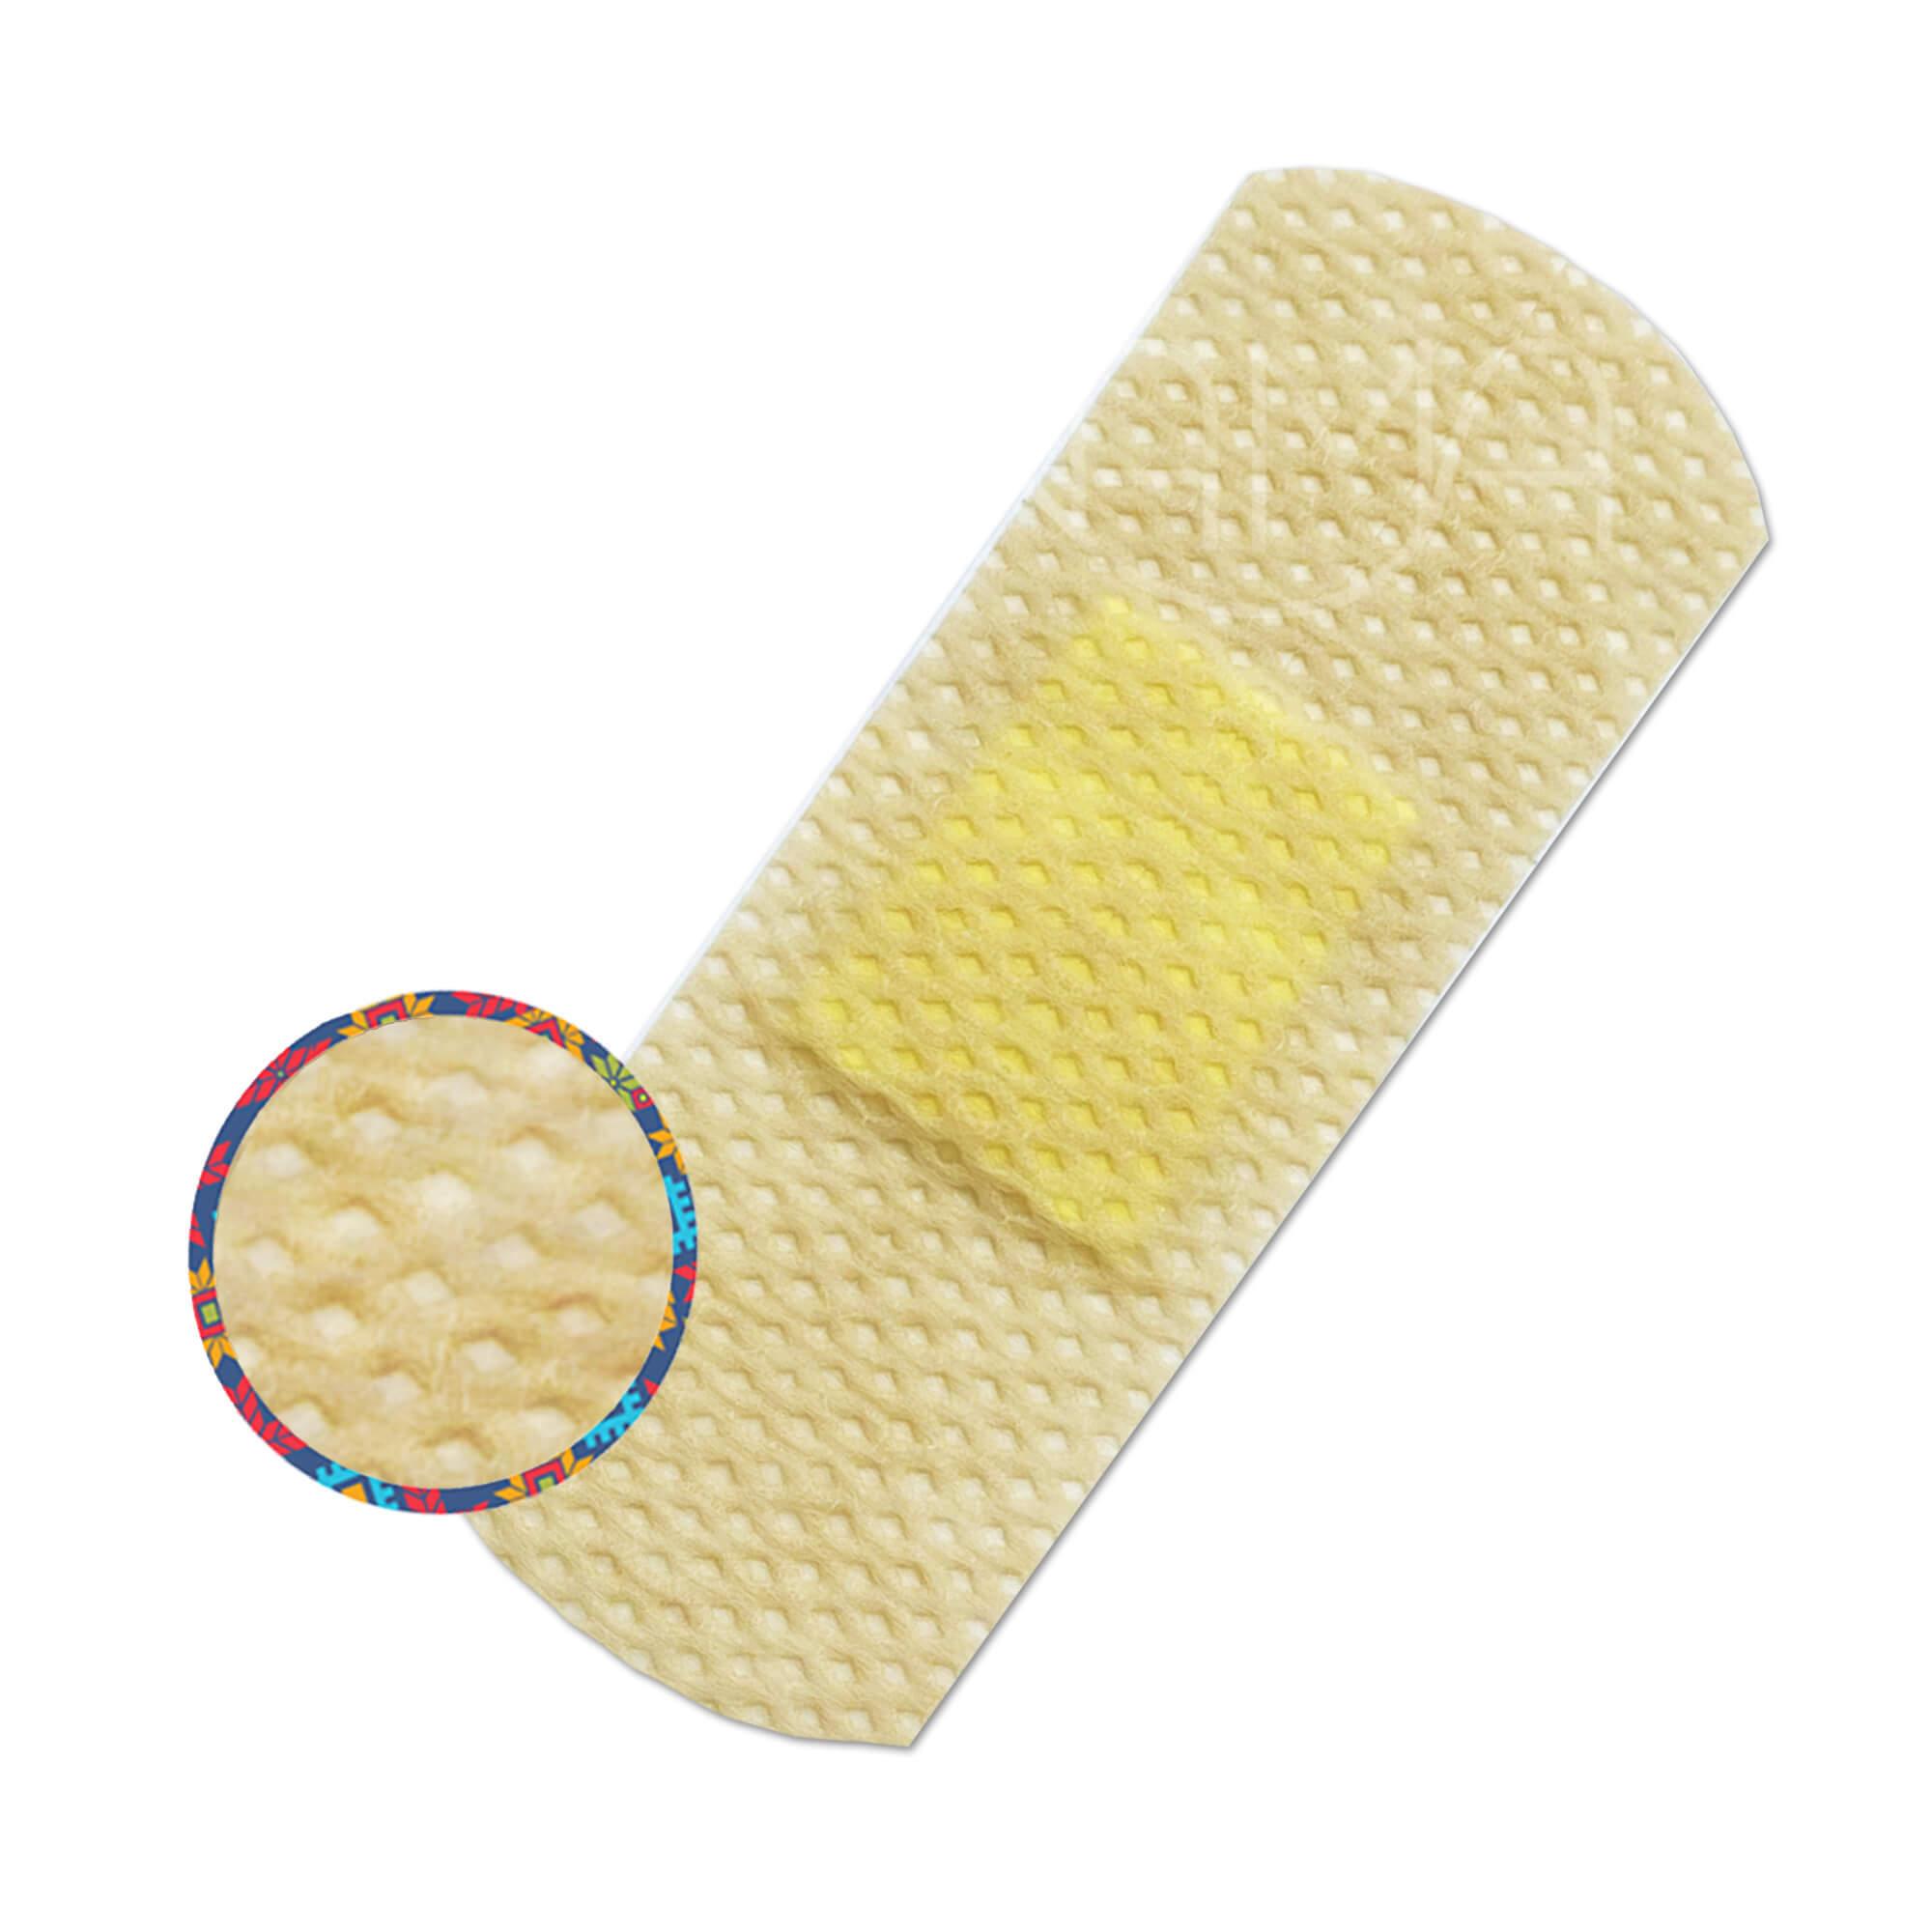 Пластыри бактерицидные на нетканой основе Мультиплекс Деликат телесные, 3 размера,  №15